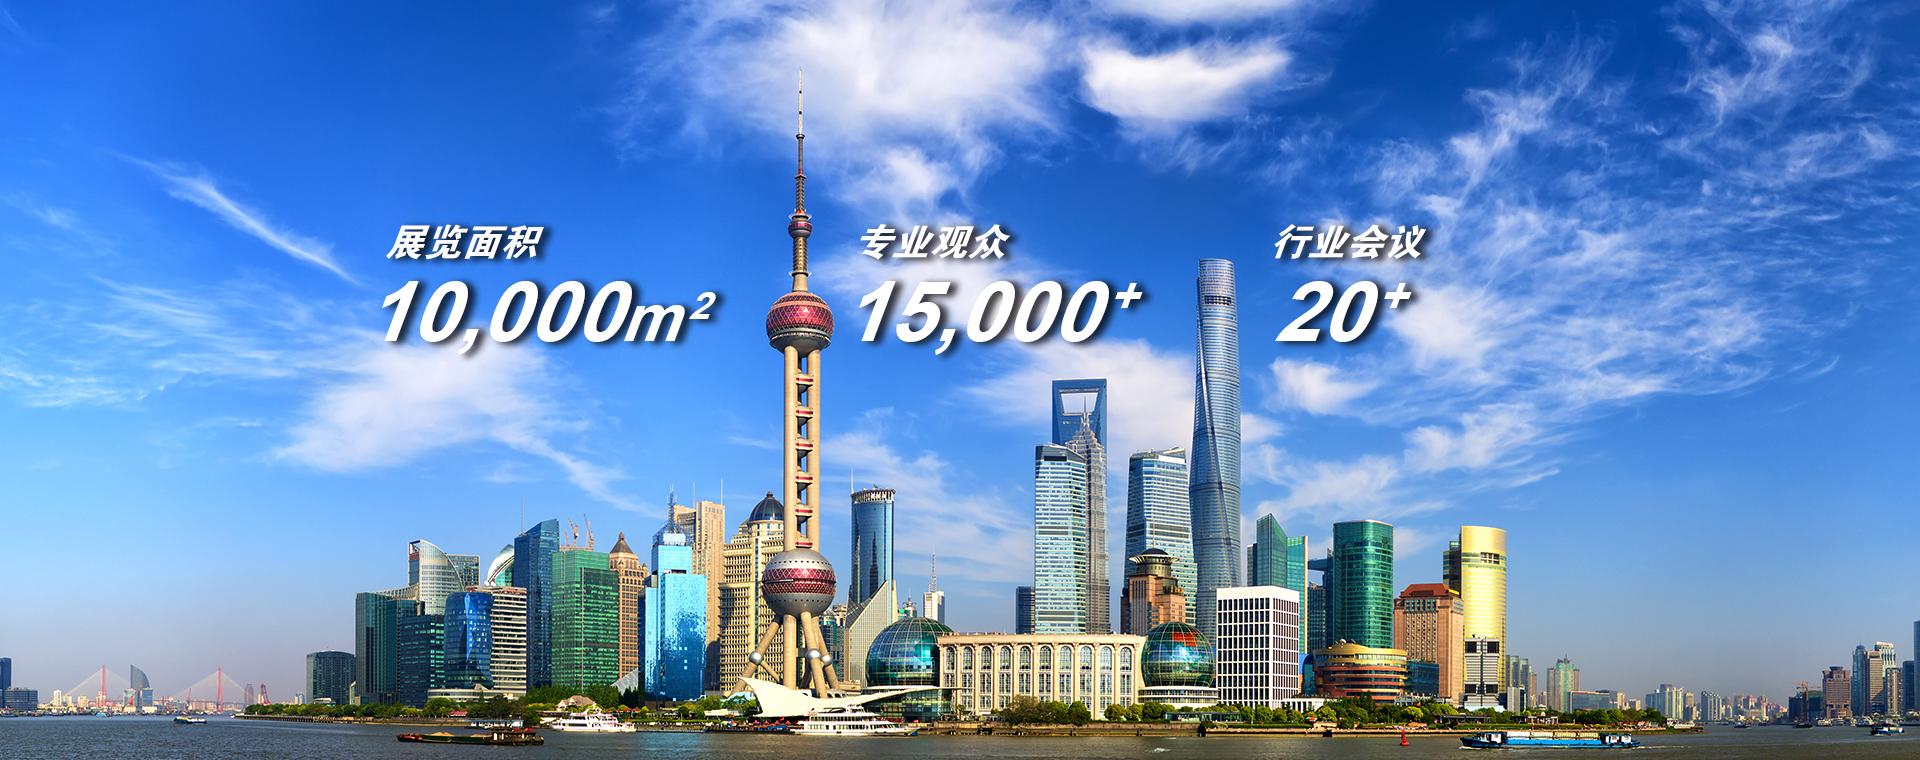 首页大图-上海